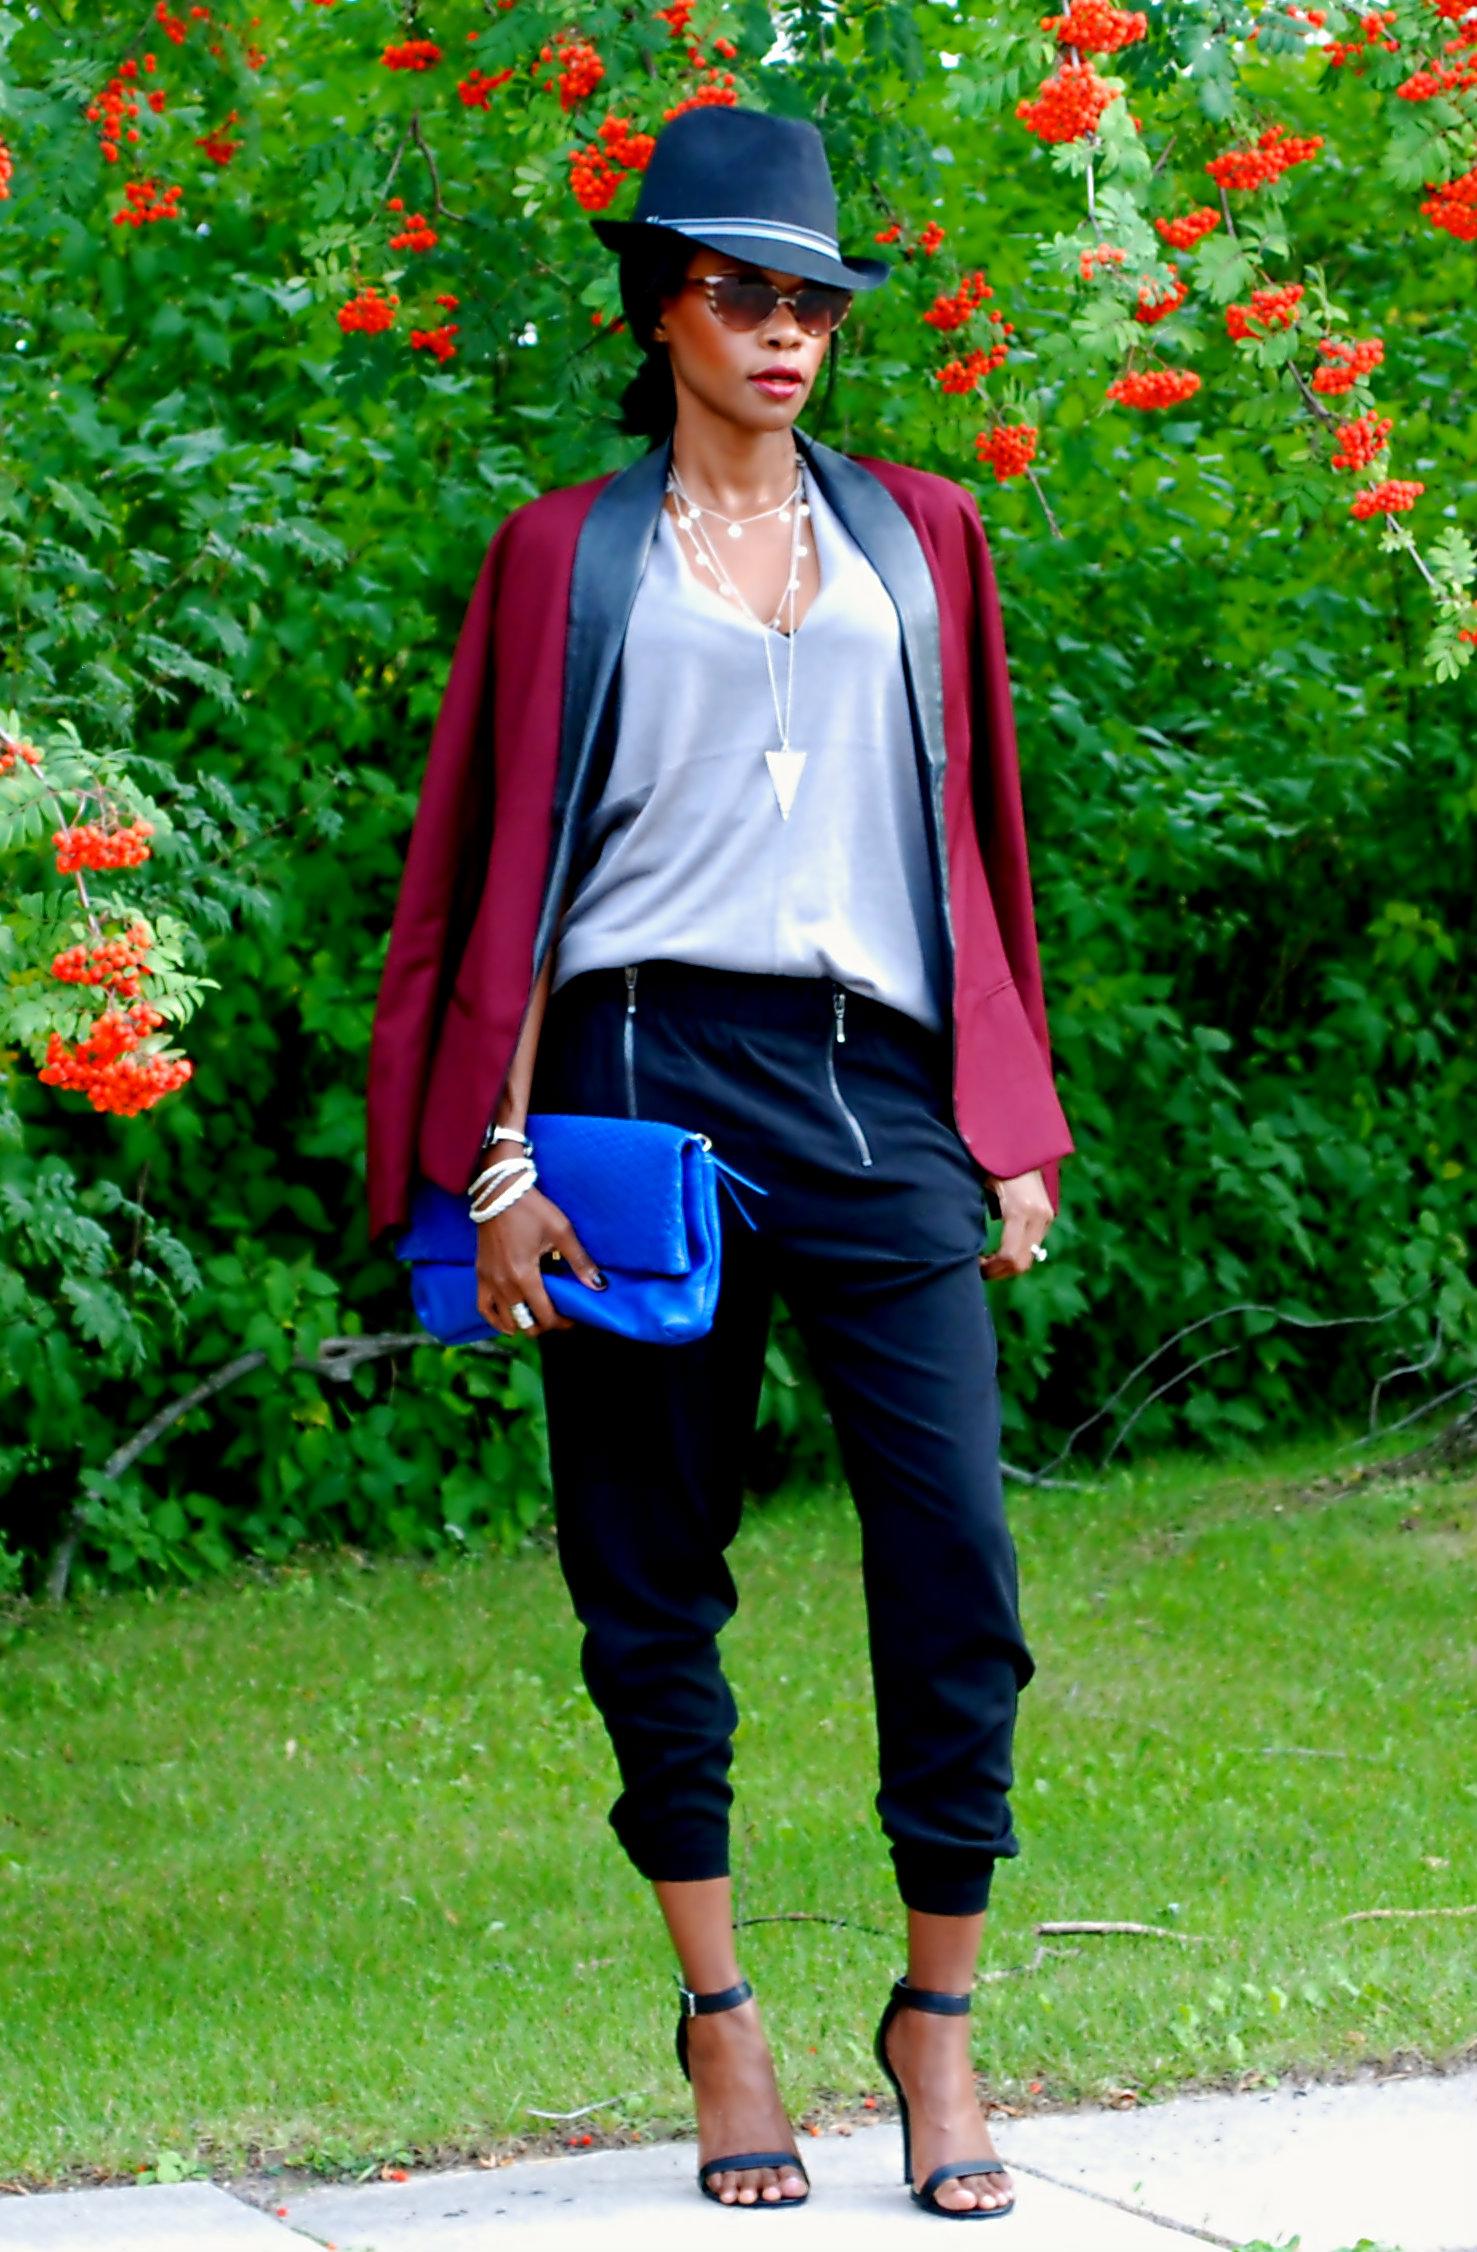 Burgundy blazer & zipper pants ootd 2